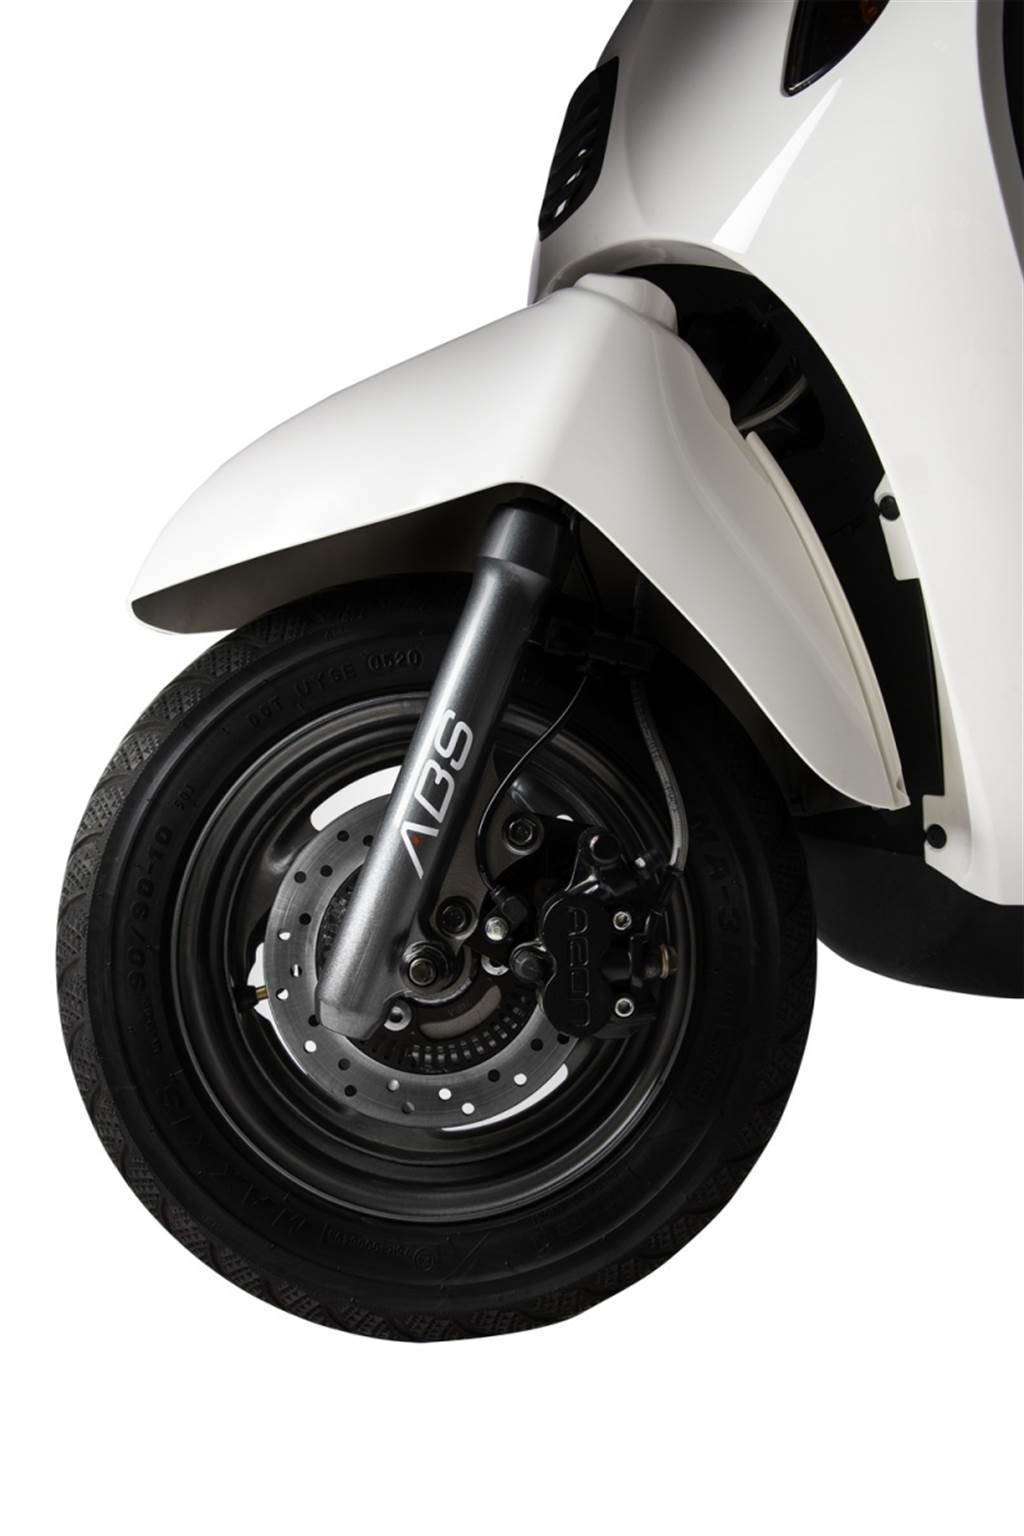 採用七期環保引擎搭配ABS煞車系統